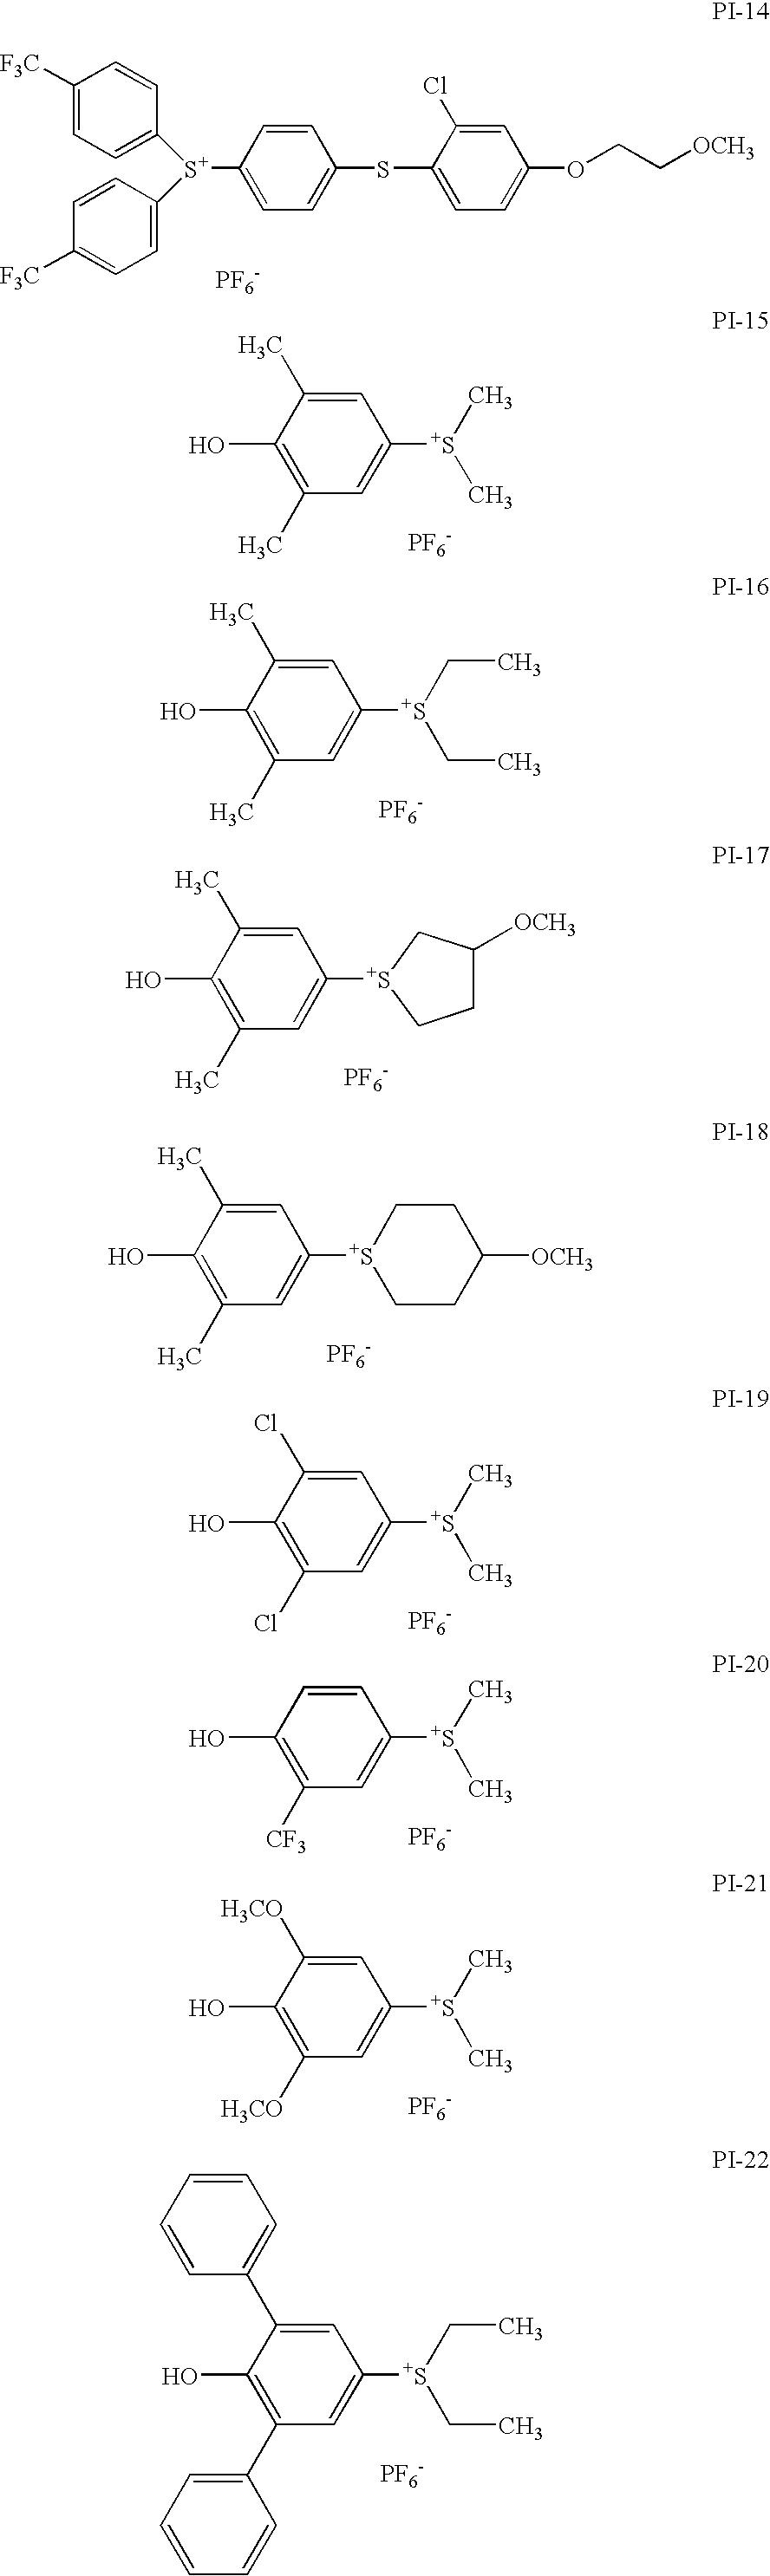 Figure US07360883-20080422-C00050